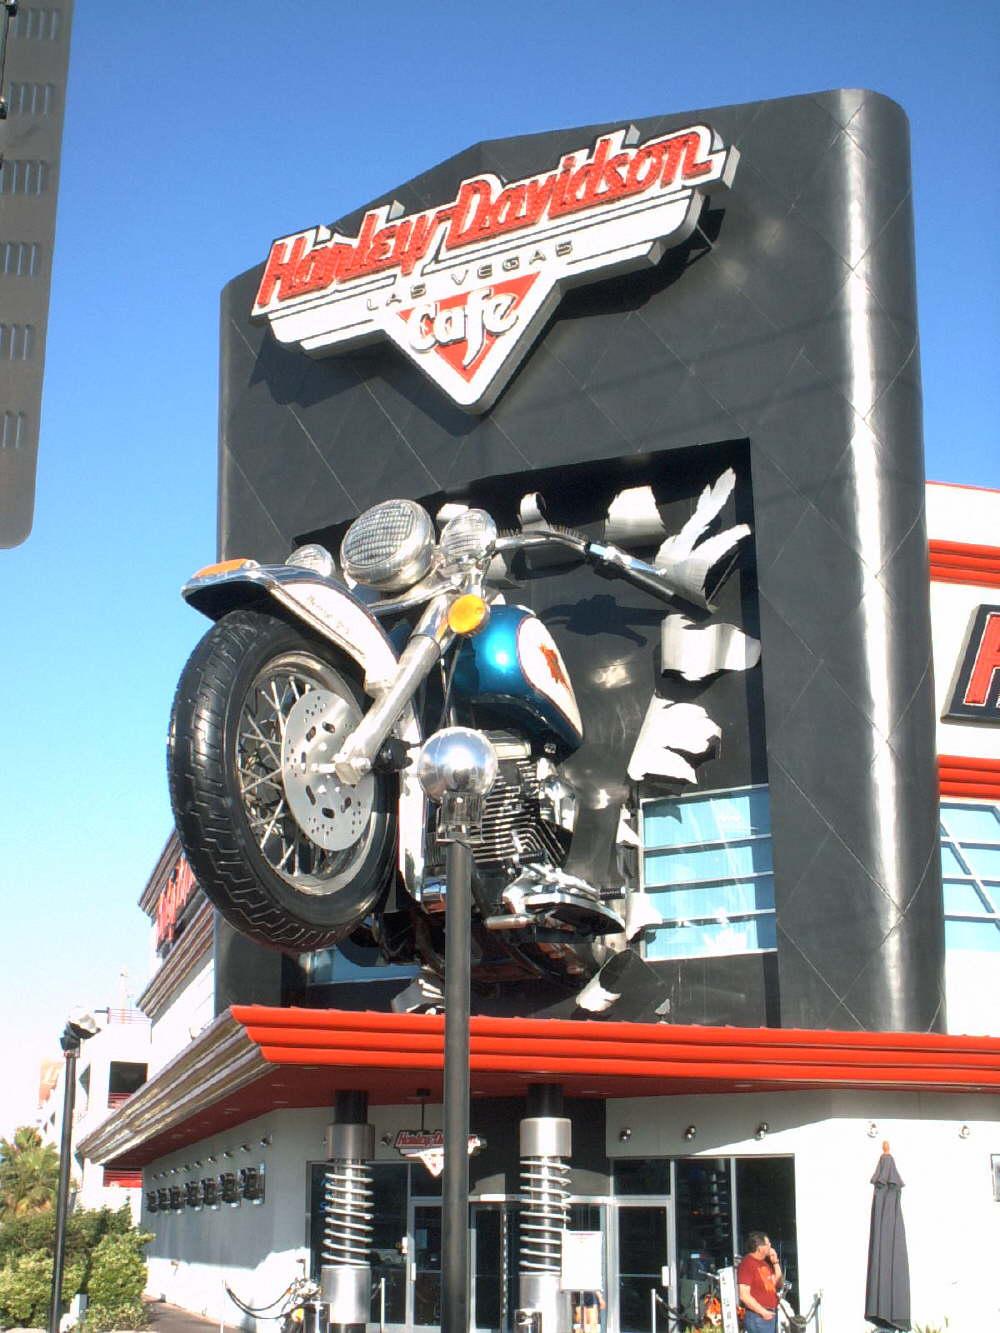 Harley Davidson gibt es natürlich auch in Las Vegas